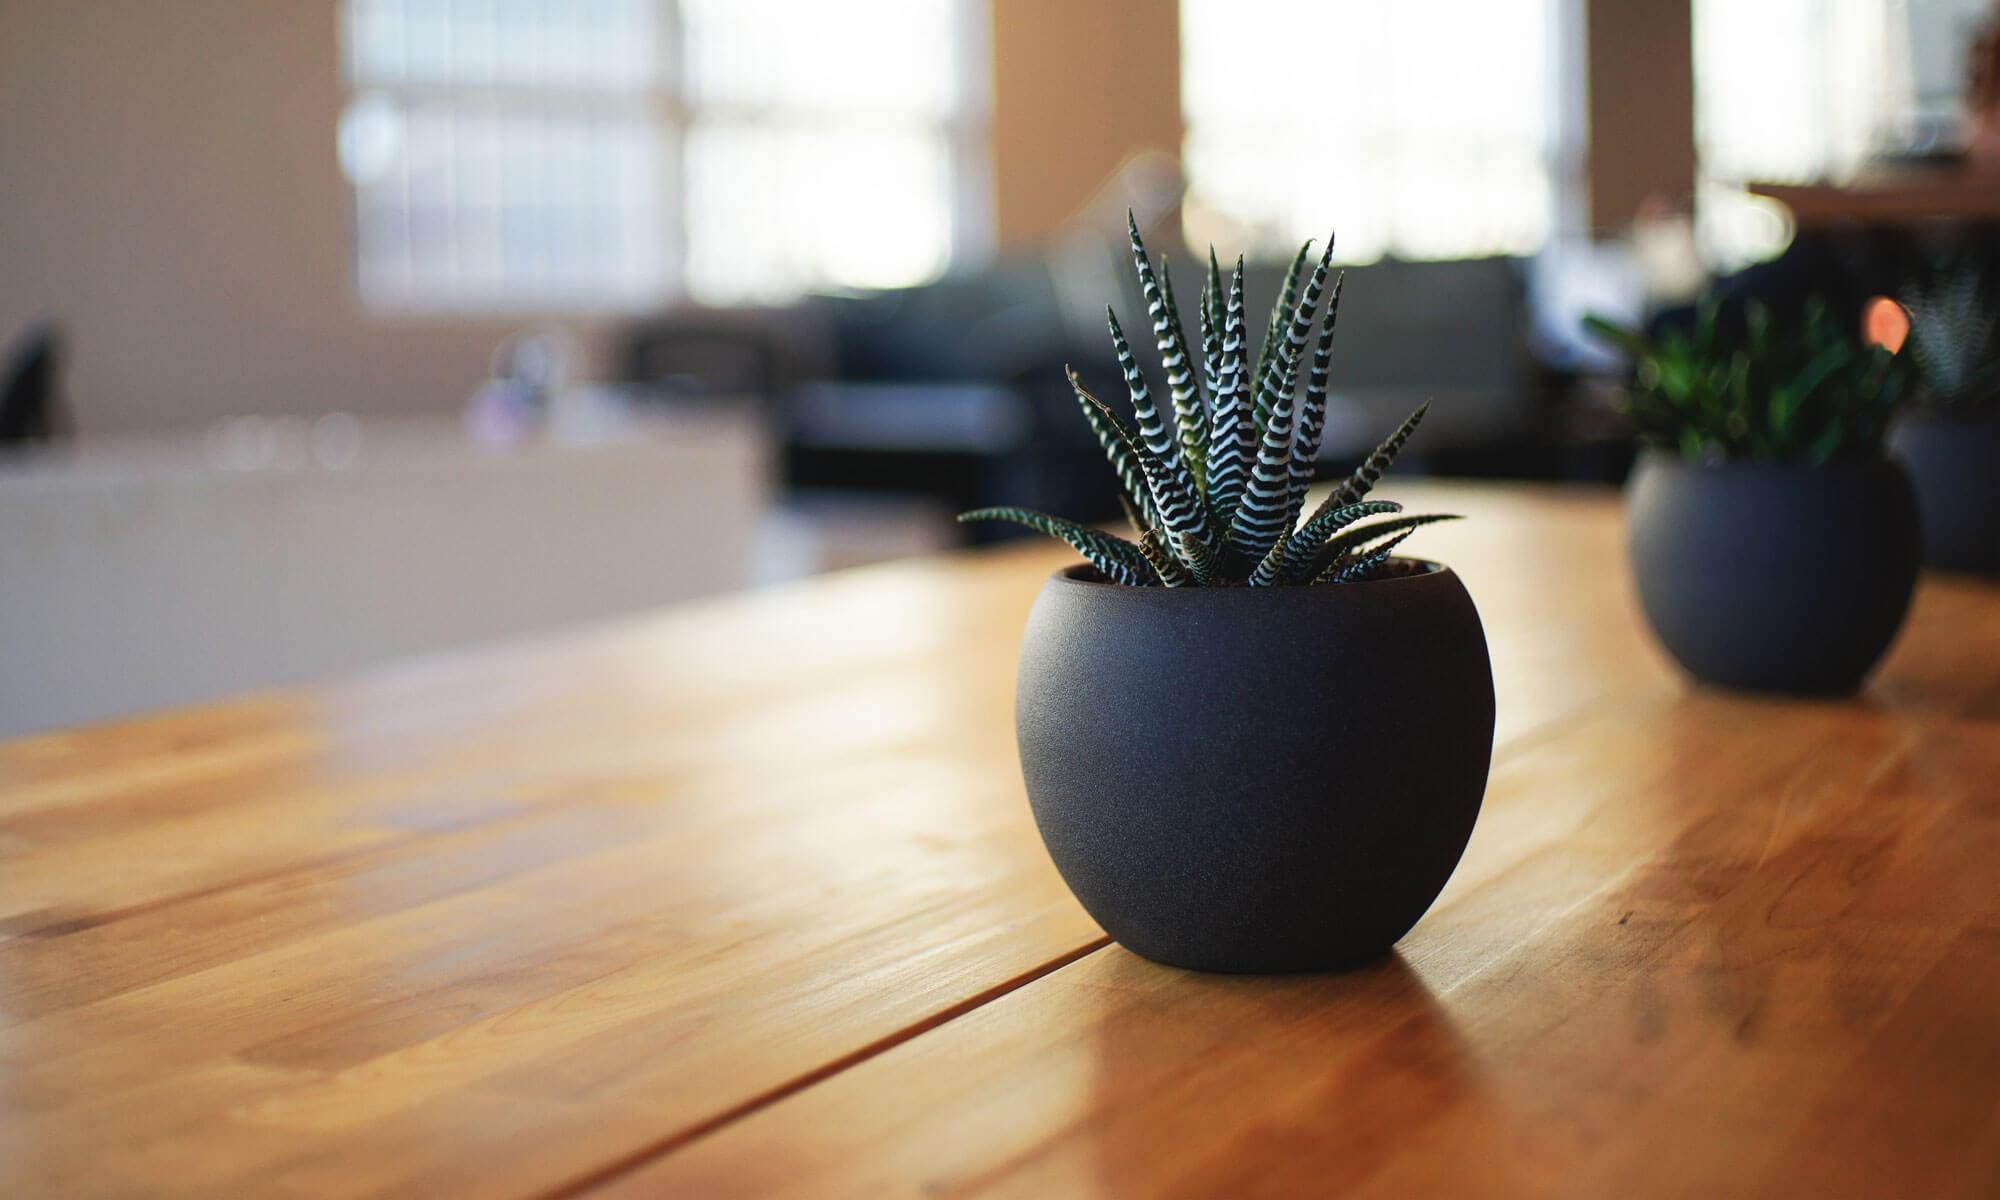 豊中市の理容室【IDEAL】 エステサロン【mieux mieux】ブログ